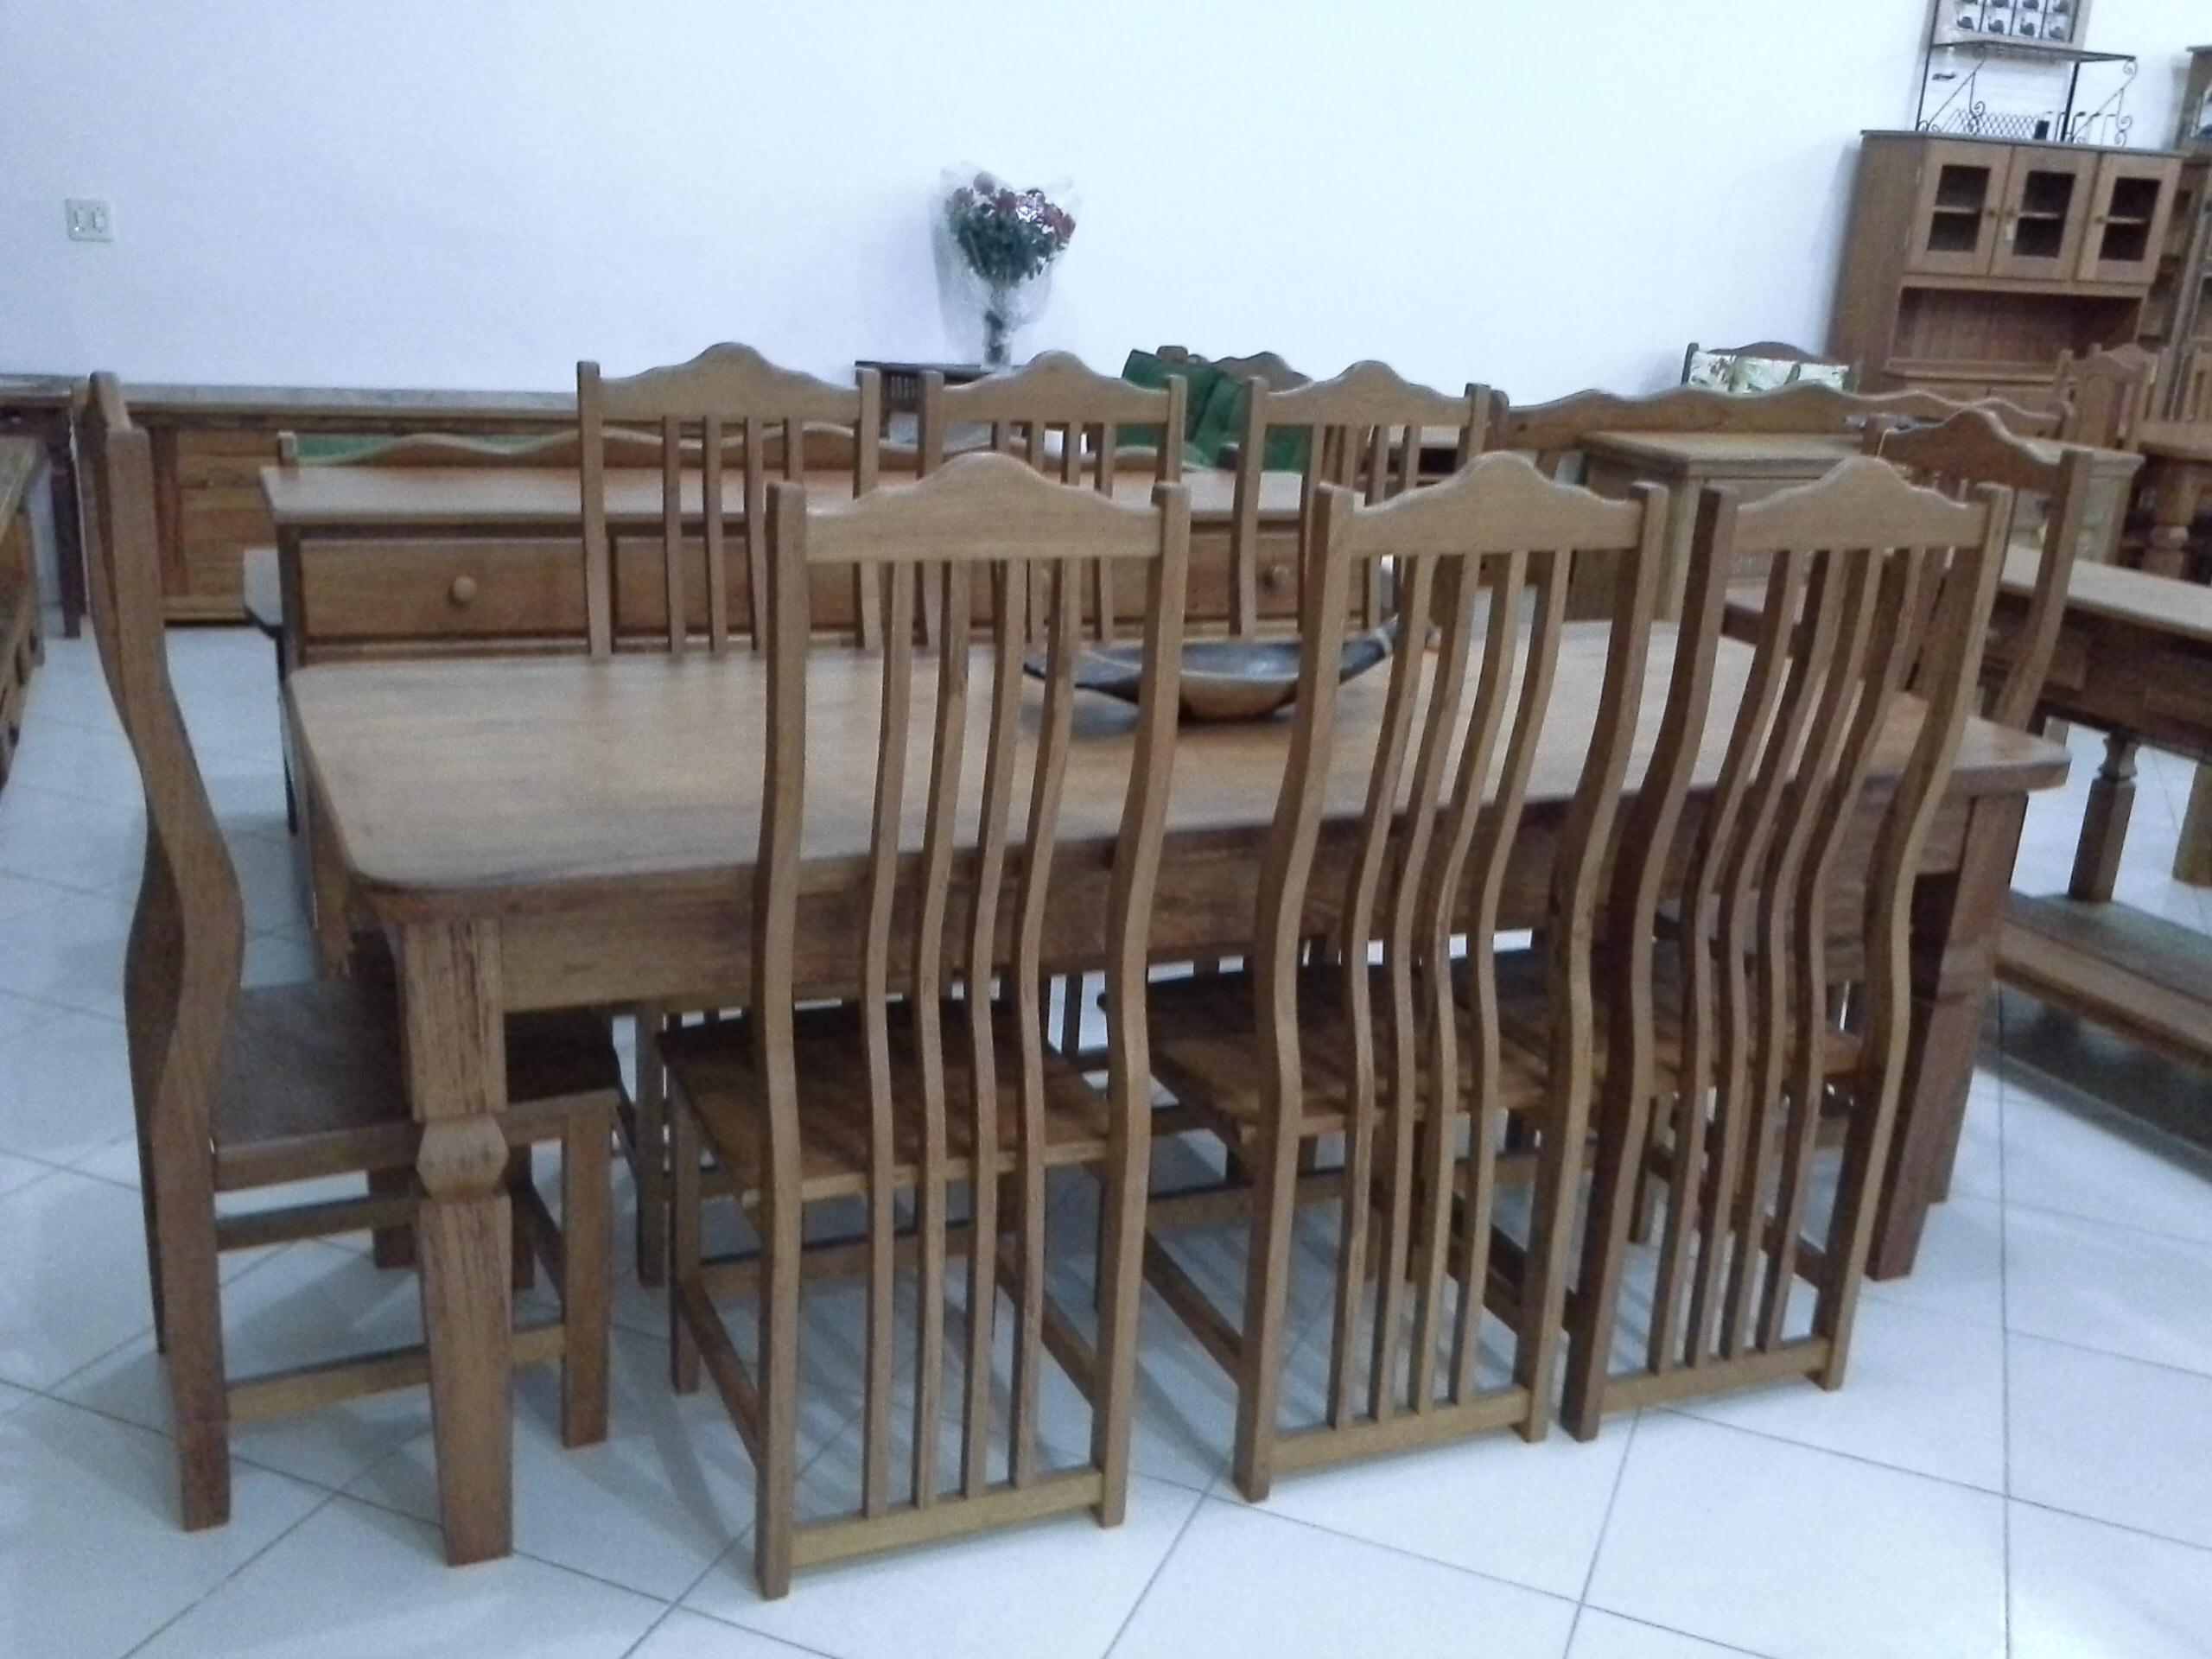 Mesa_pé_diamante_com_cadeiras_da_onda